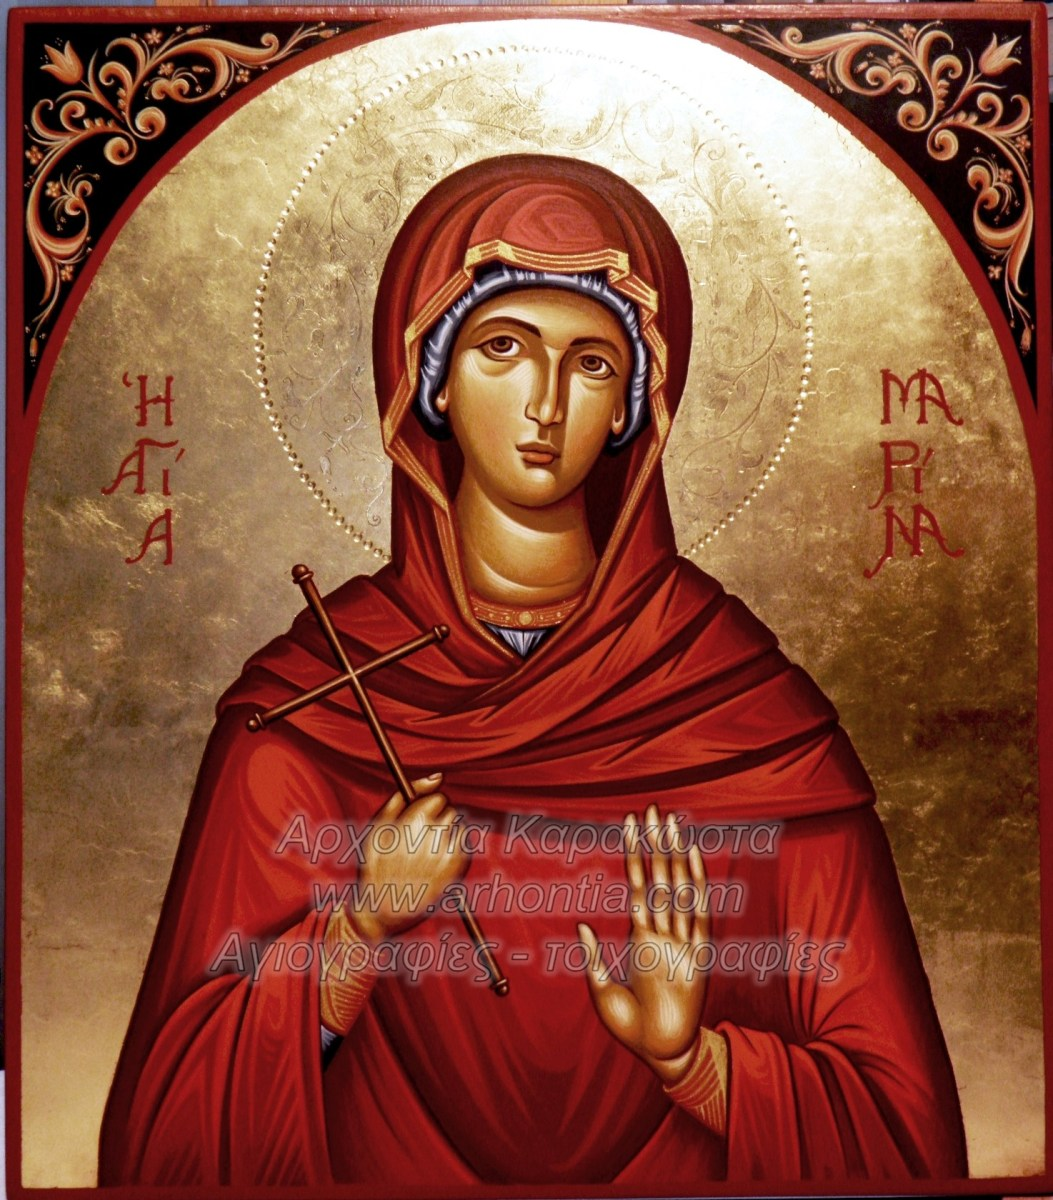 Αγιογραφία Η Αγία Μαρίνα, αγιογραφίες , εικόνες κατά παραγγελία